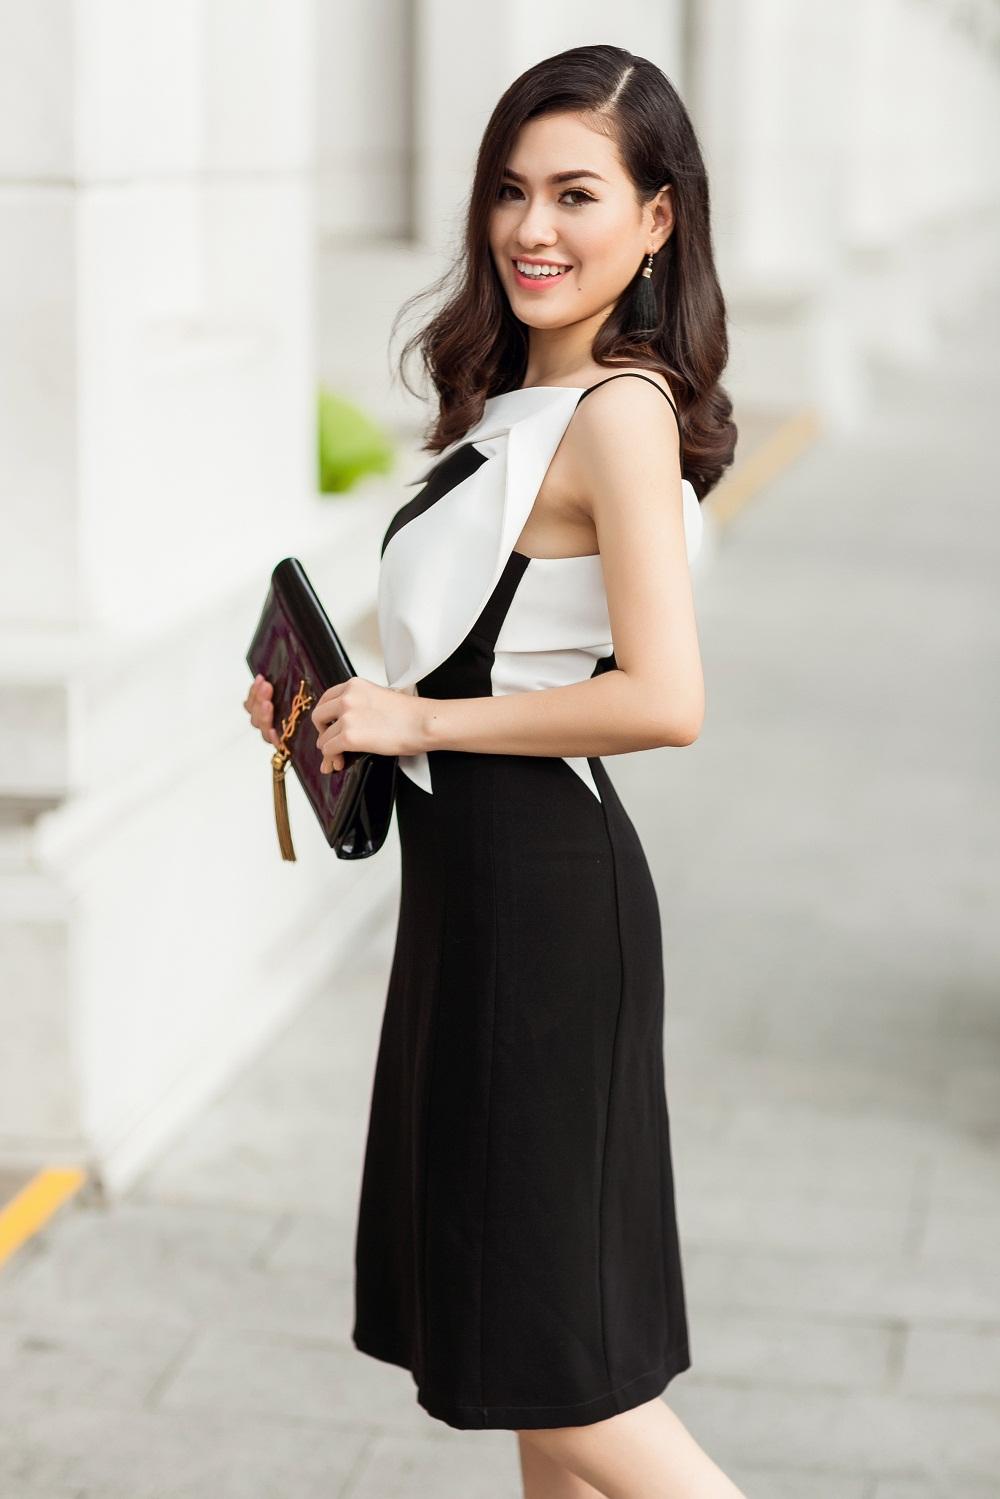 Hoa hậu Diễm Trần về nước hoạt động sau 12 năm xa quê hương 13